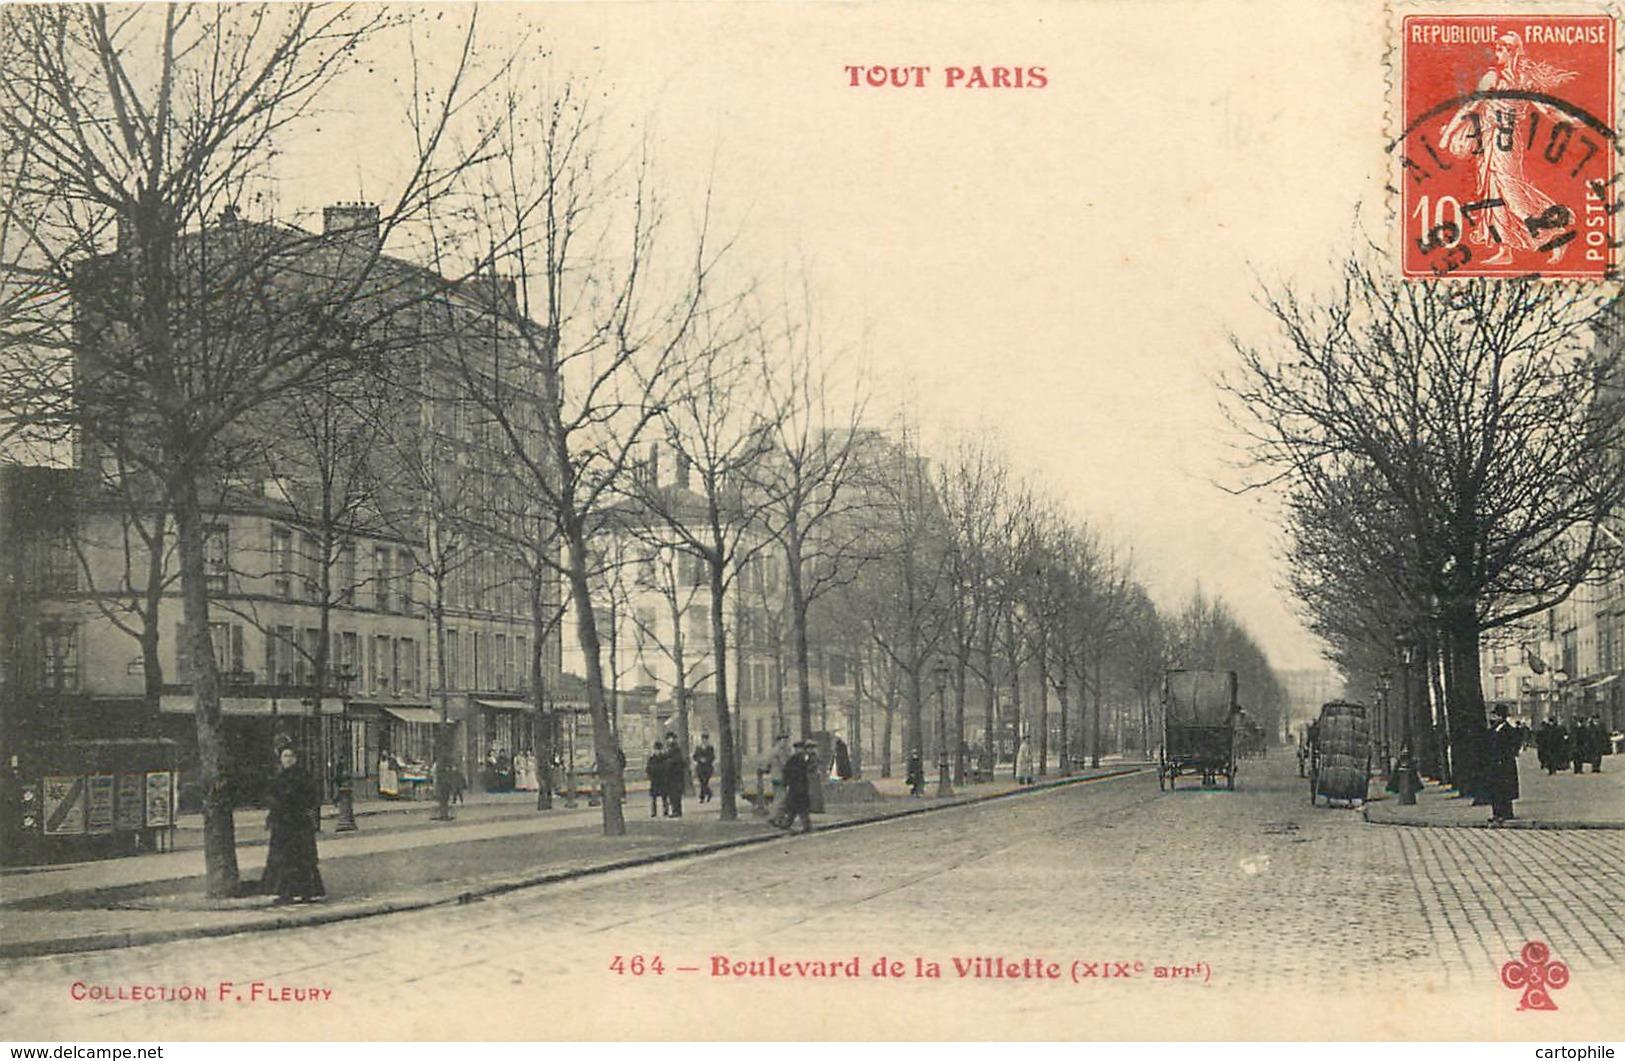 75019 - PARIS - Boulevard De La Villette - TOUT PARIS 464 - District 19